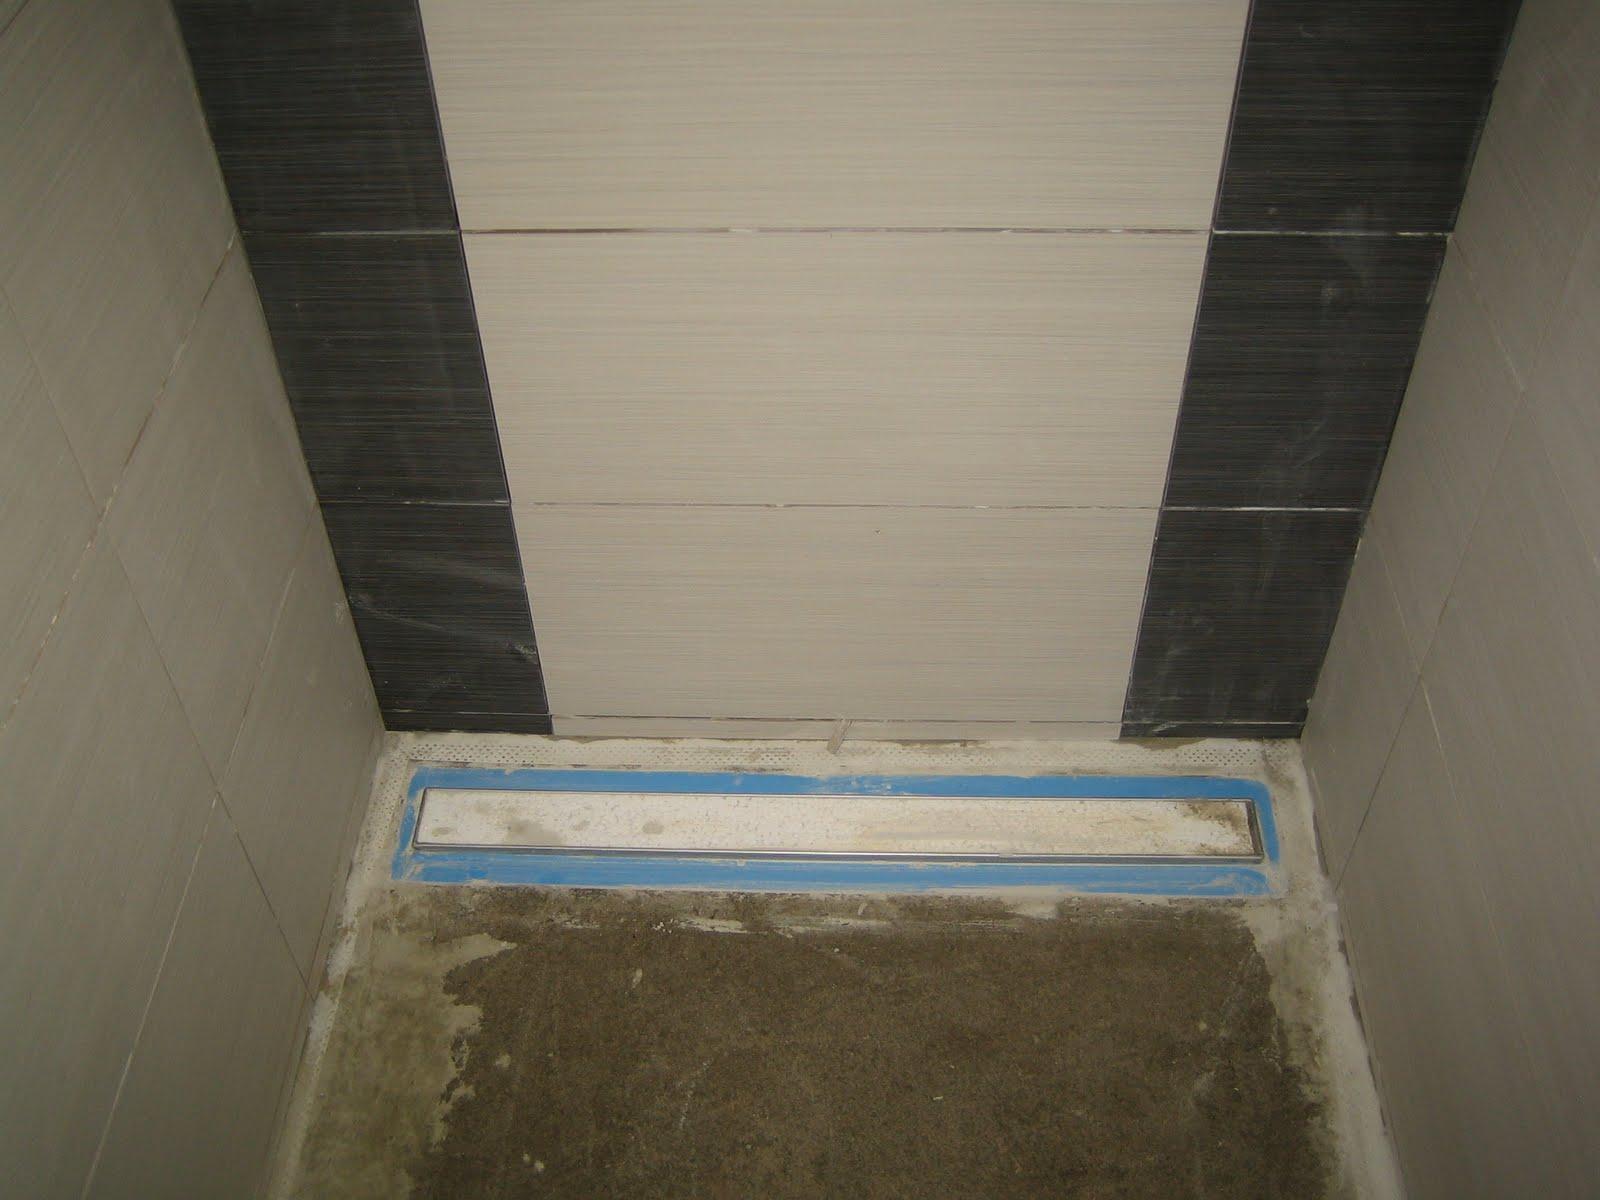 carina und stefan bauen wurd 39 auch zeit sch ne sch ne fliesen. Black Bedroom Furniture Sets. Home Design Ideas